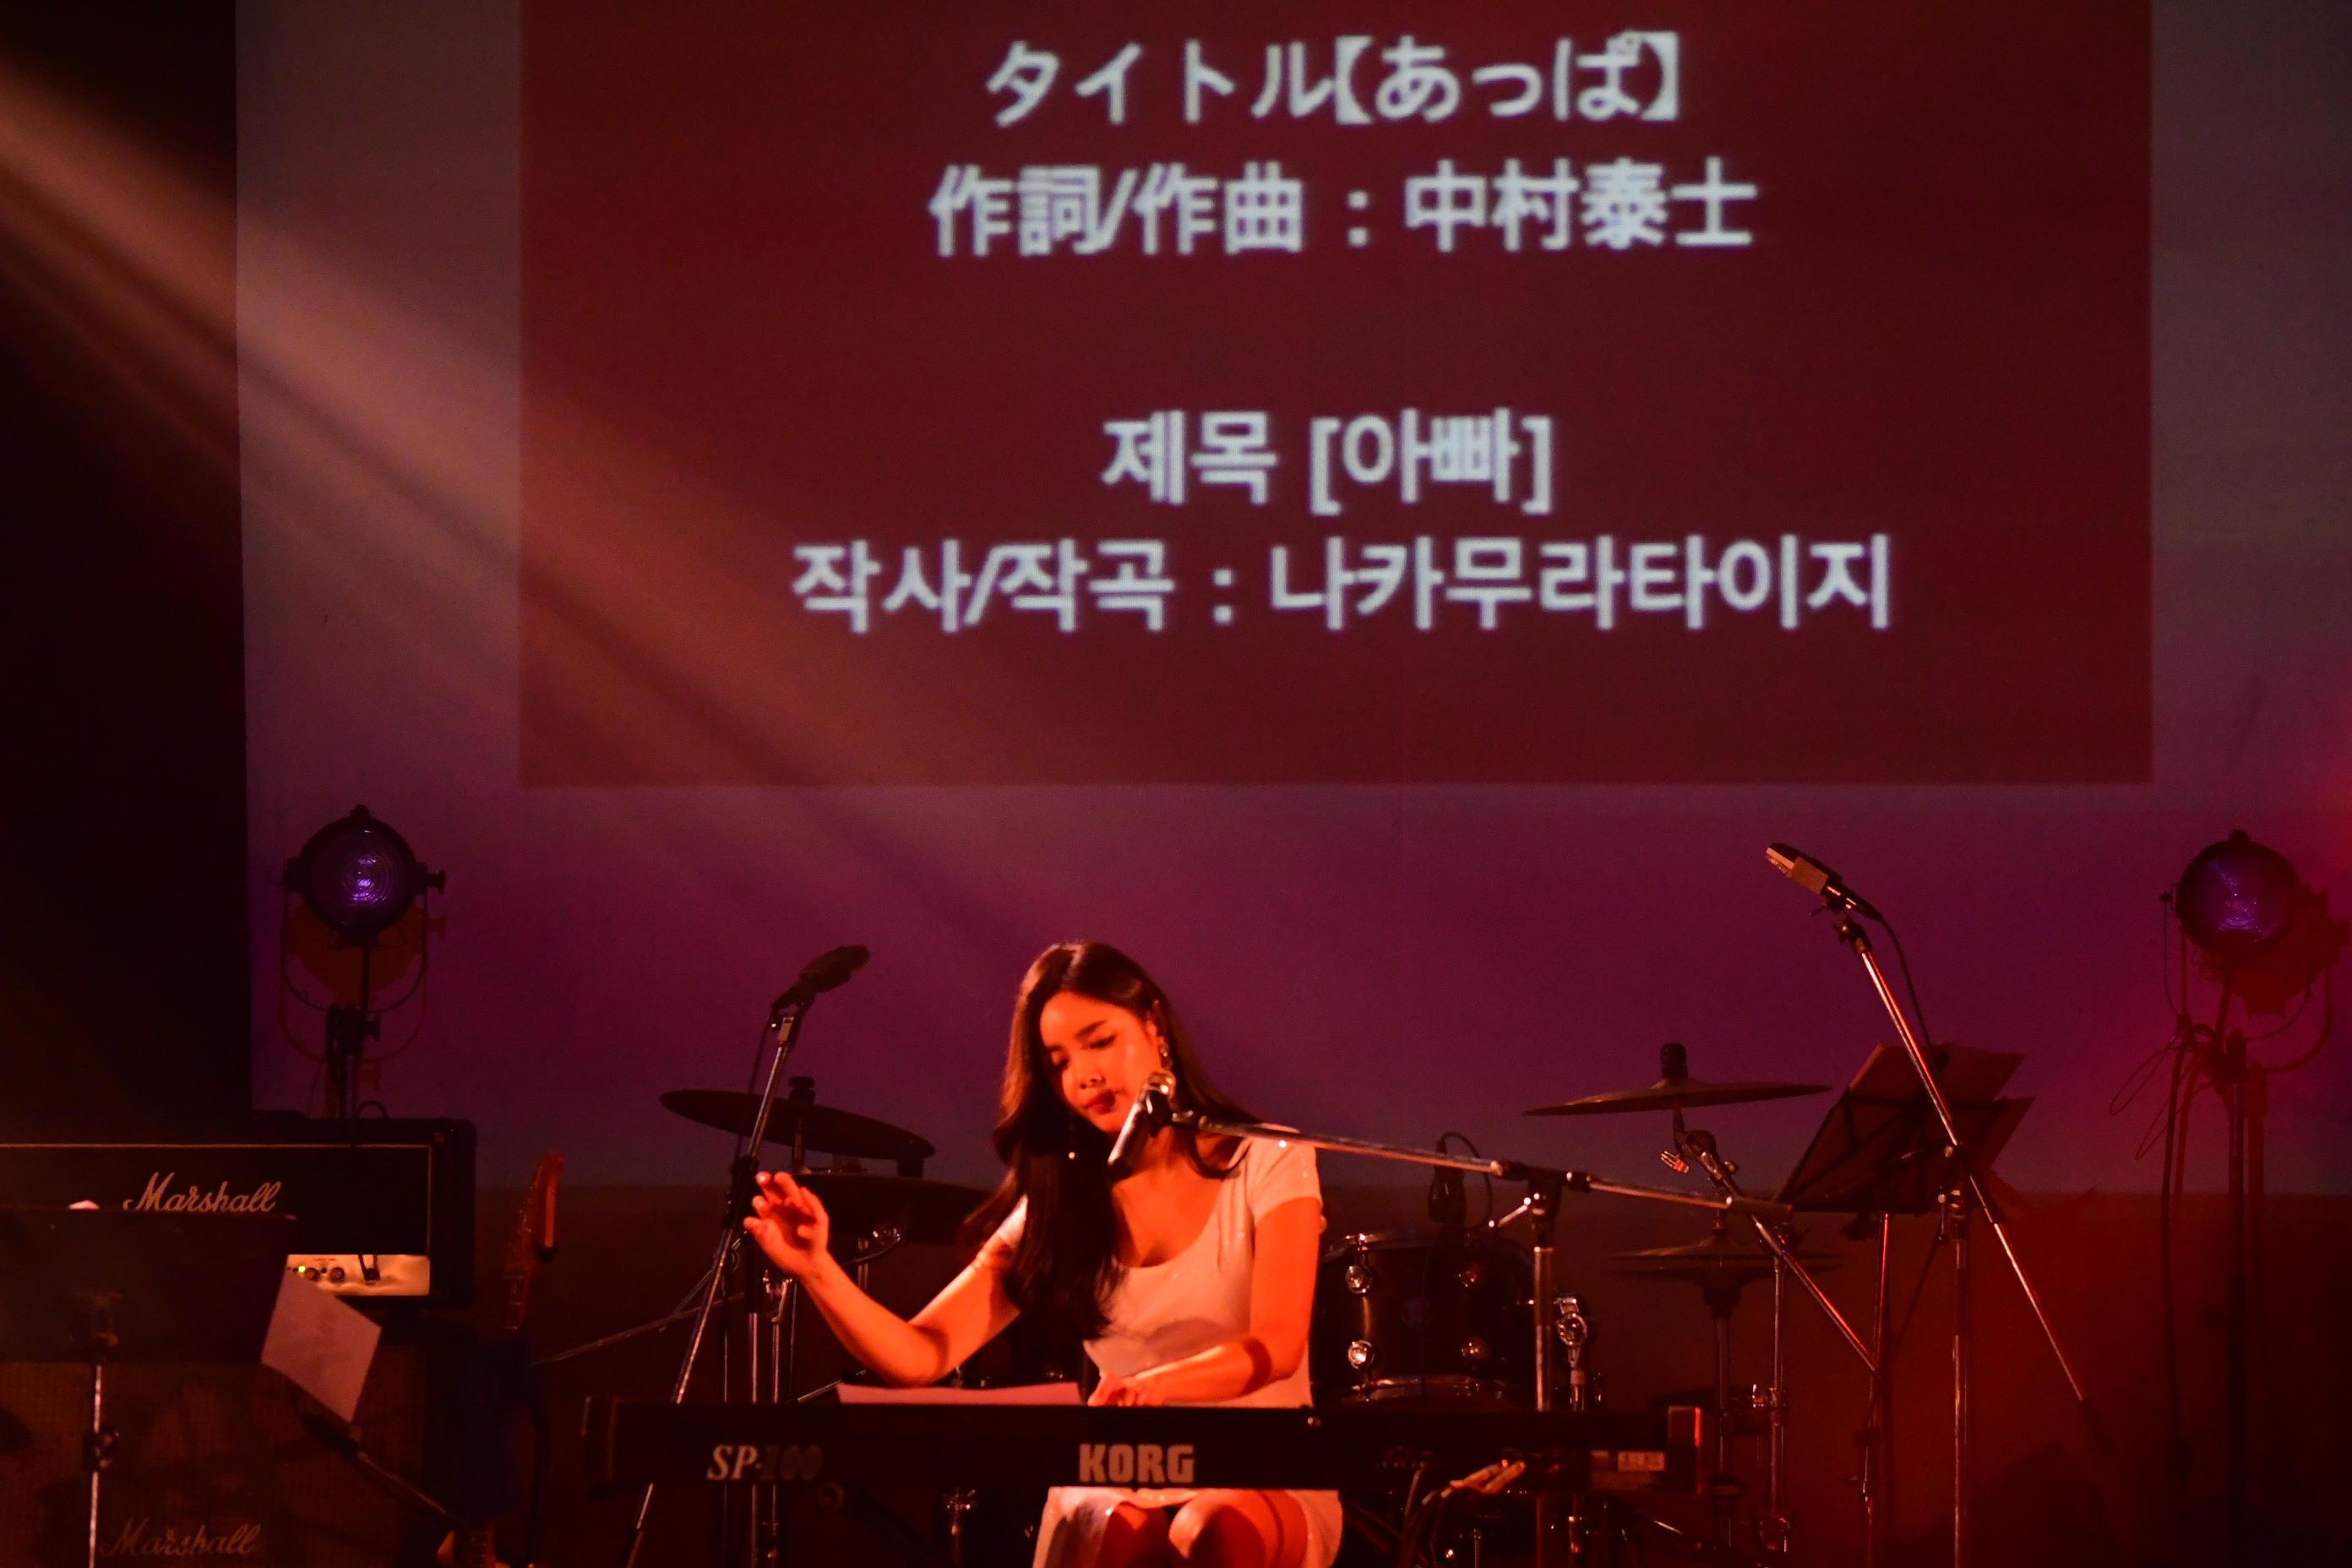 http://news.yoshimoto.co.jp/20180126220232-3c2241df800939bed9527c9c6385af65f295b46f.jpg